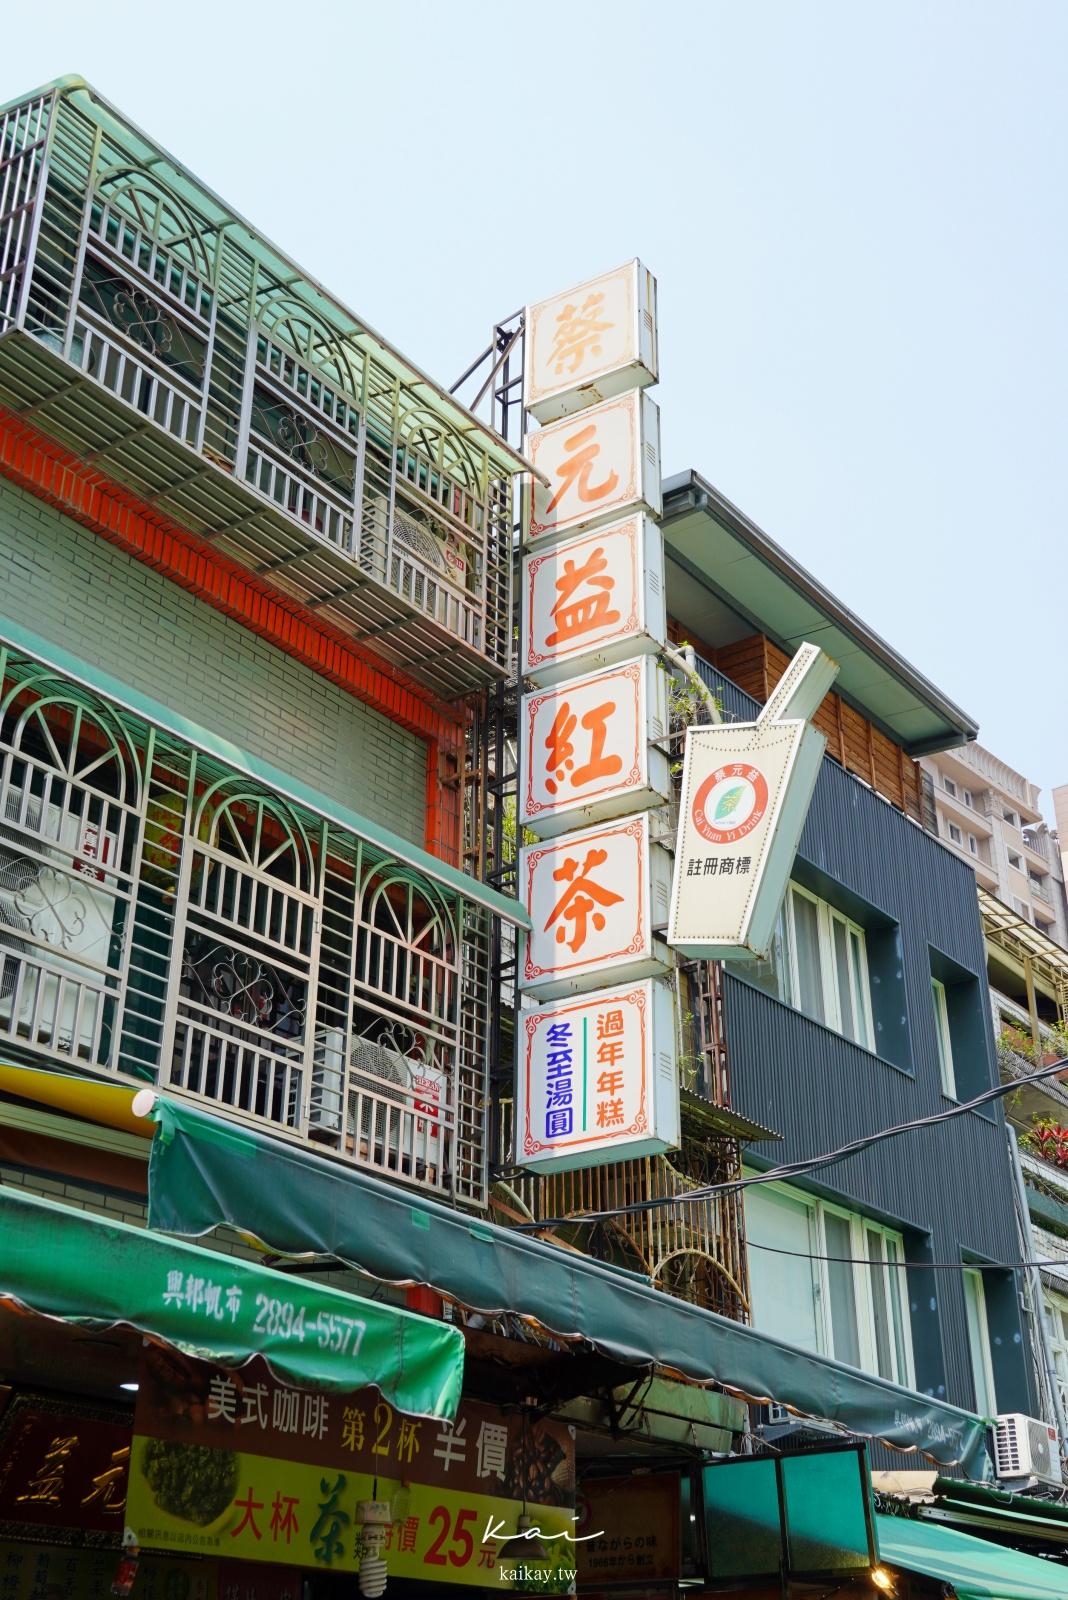 ☆【台北|北投】蔡元益紅茶。菜單上沒有的隱藏三合一最好喝